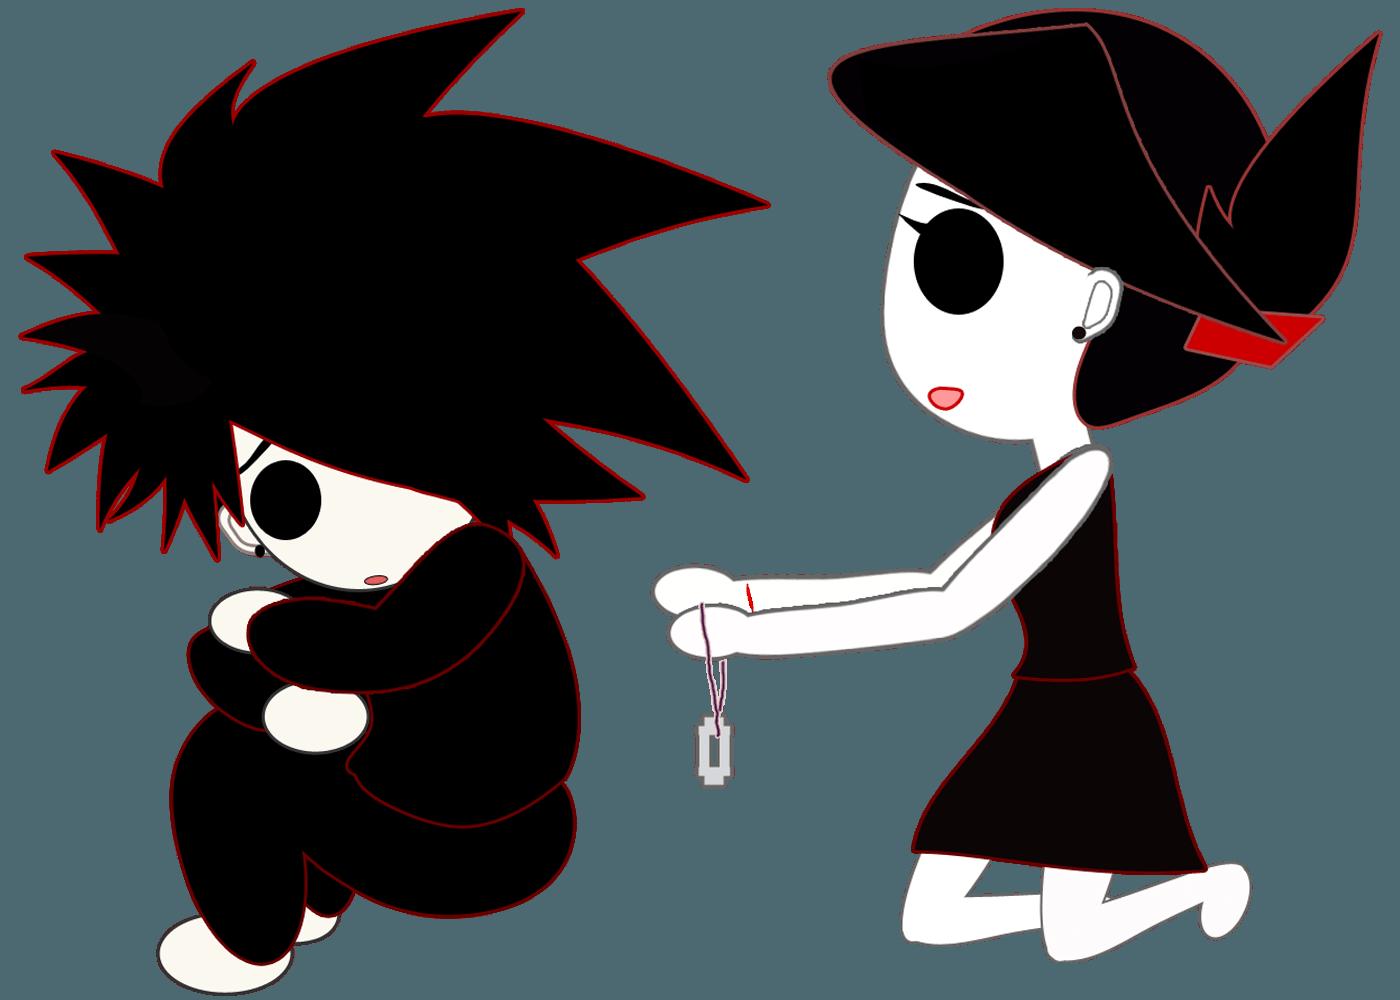 500 Koleksi Gambar Animasi Emo Love Keren Gratis Terbaik